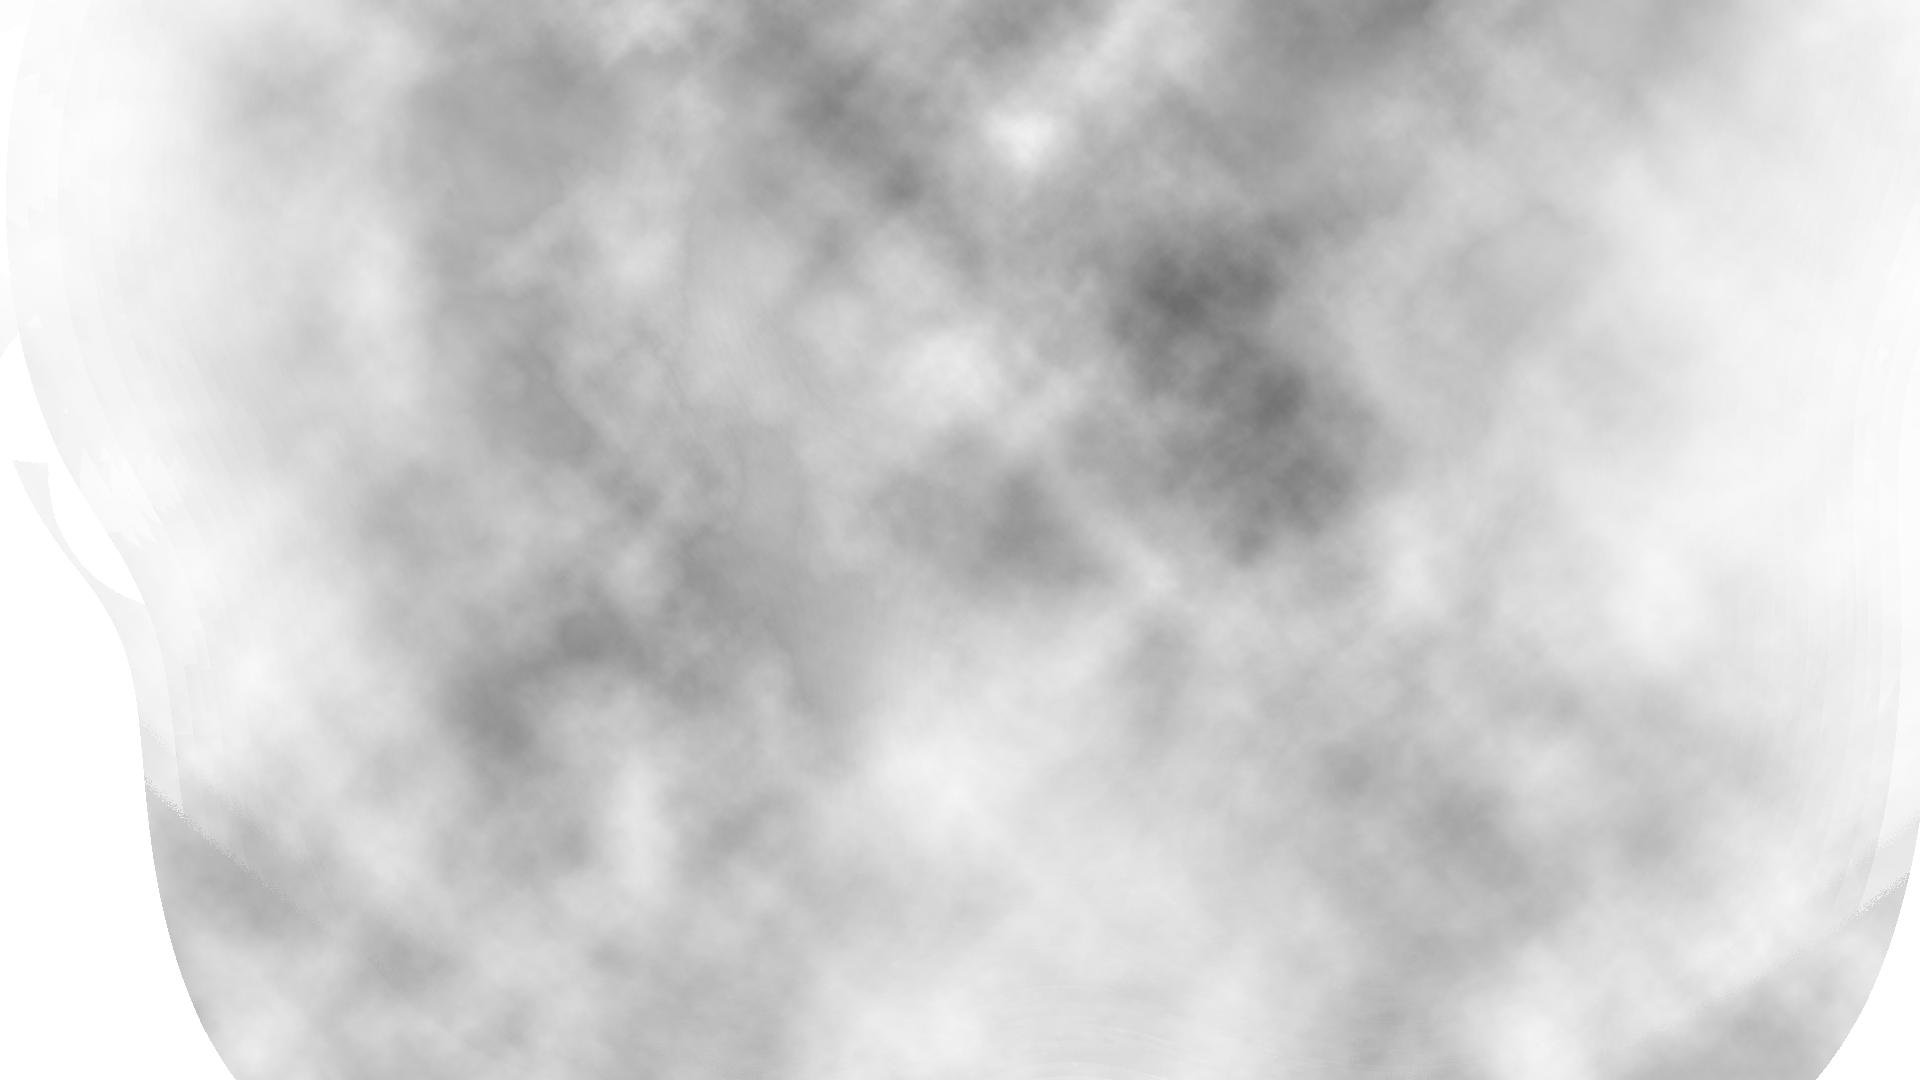 Fog Png : Fog Png Transparent Image Free Download ...